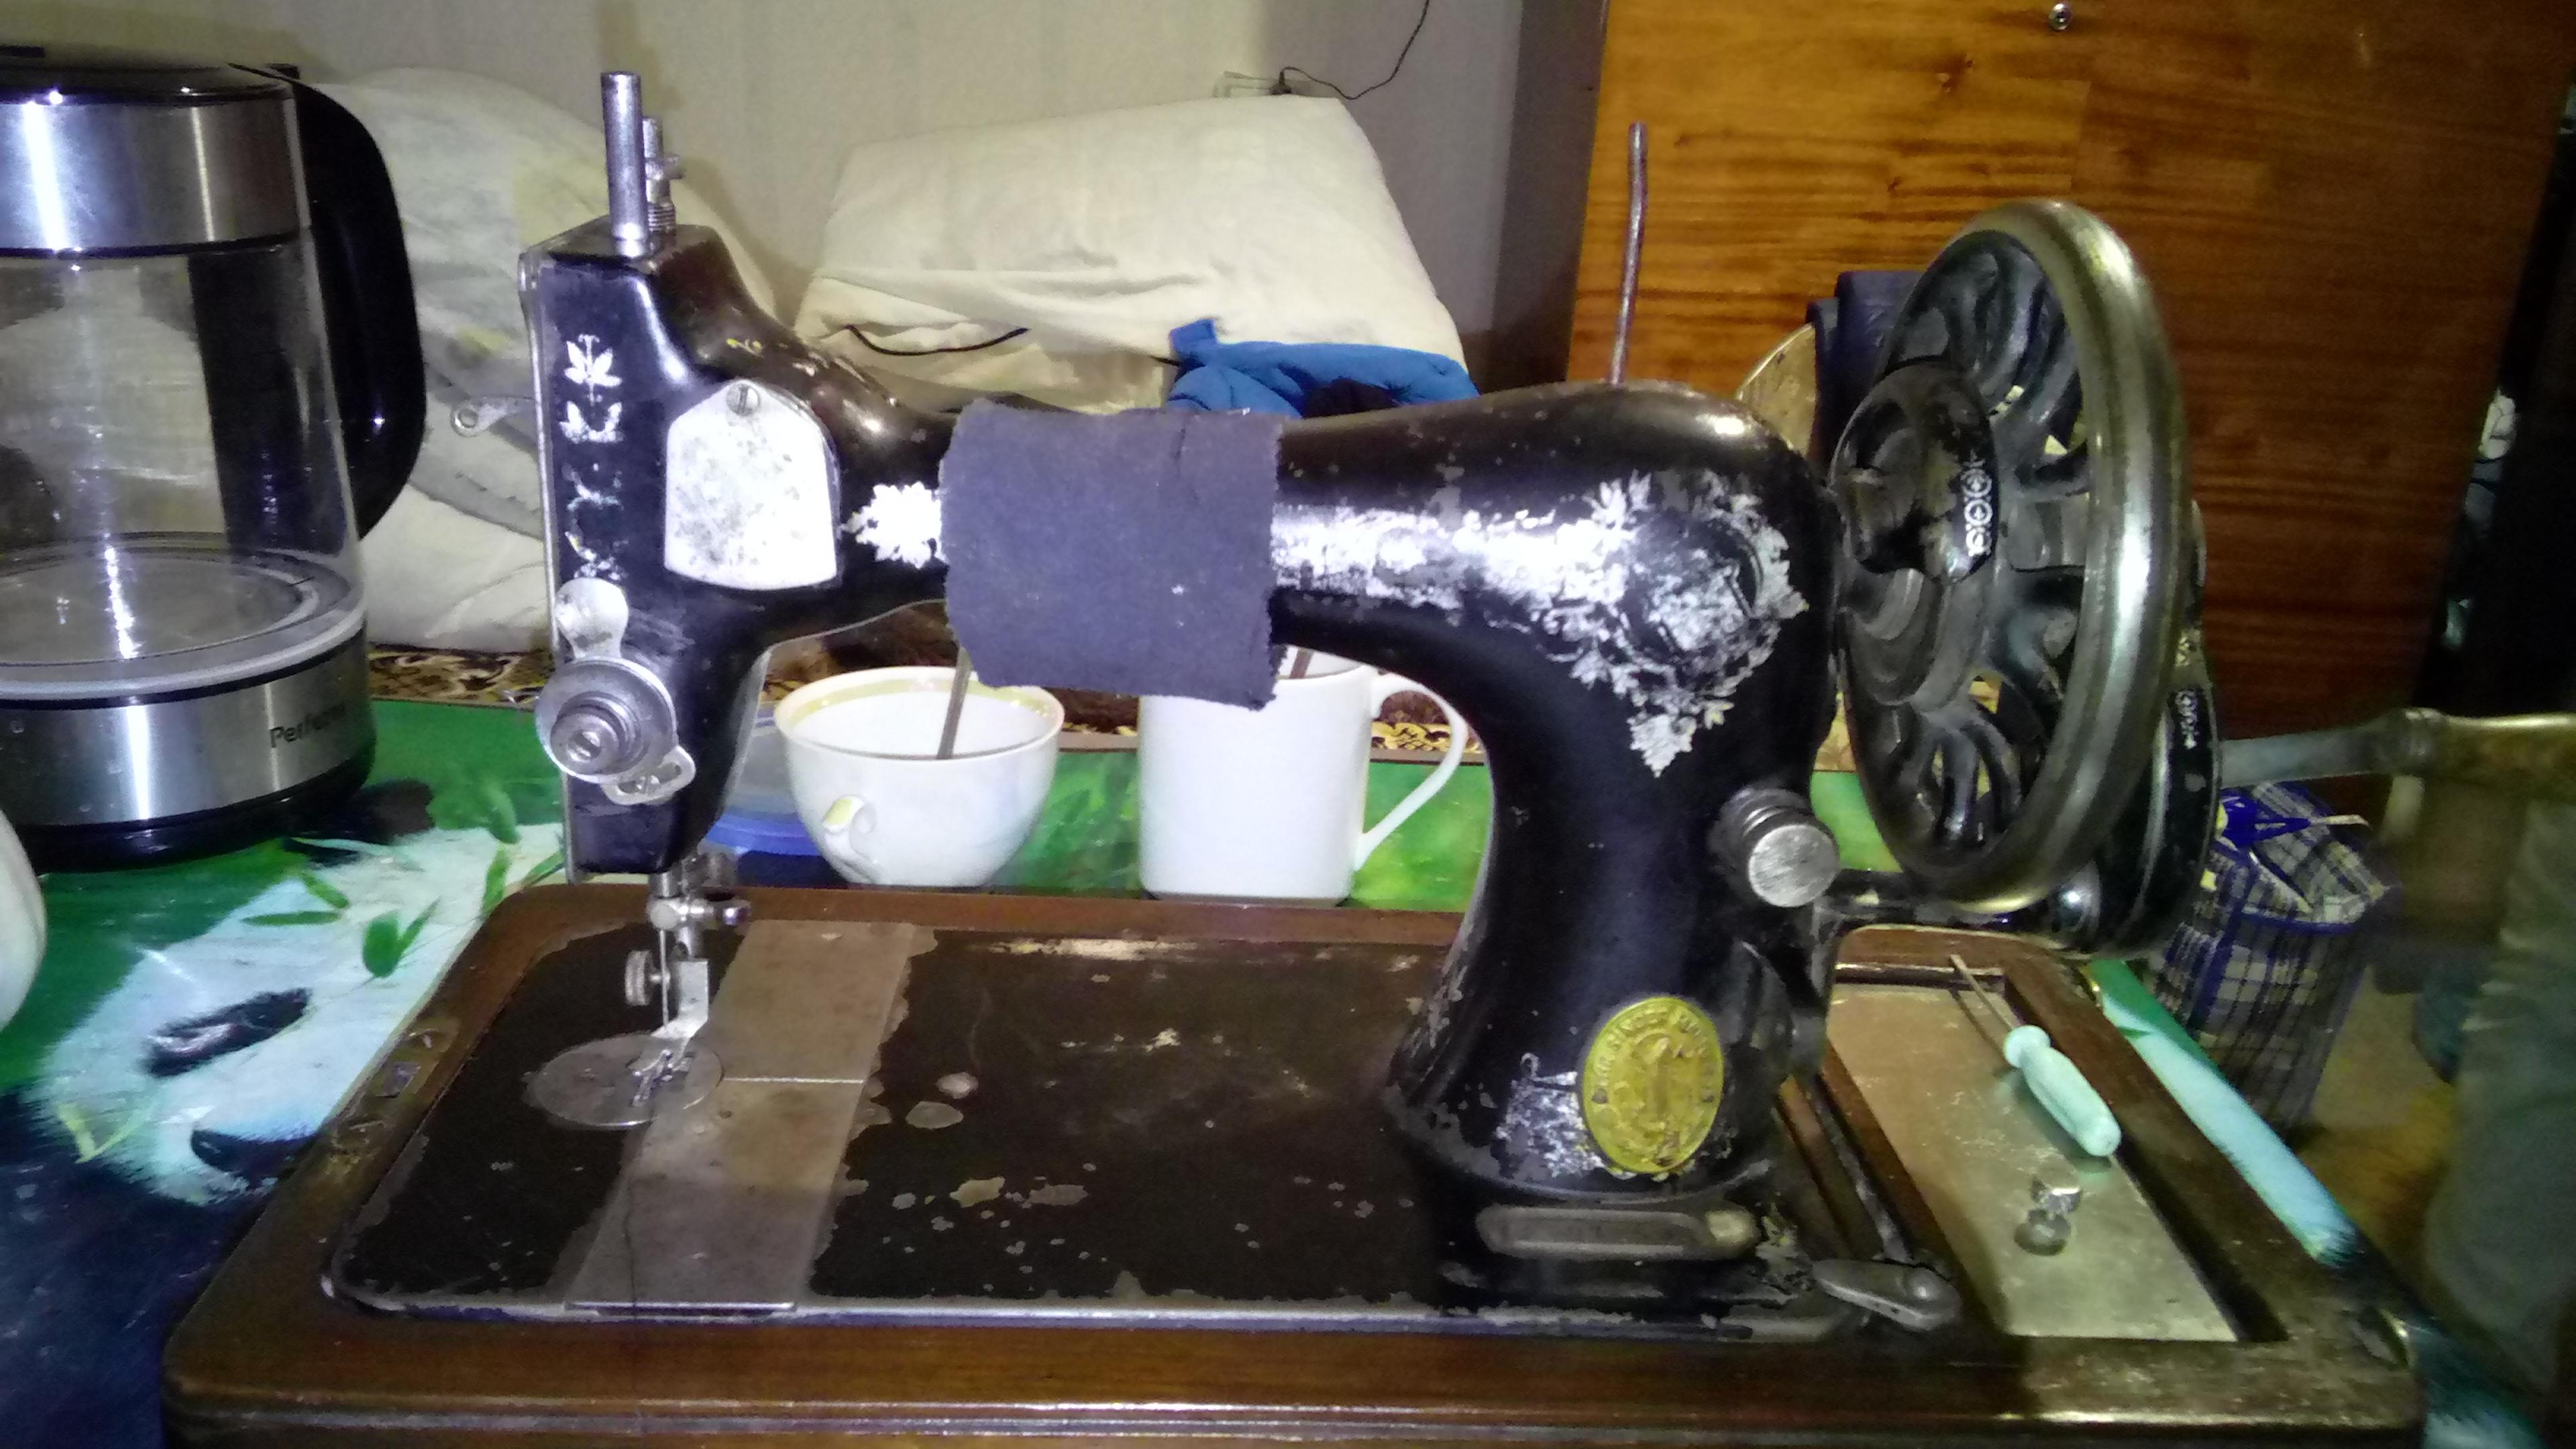 Фото Я выполнил ремонт швейной машины Зингер. Устранил неисправности челнока, регулятора натяжения верхней нити, моталки, а также чистка и смазка машины. Потратил 2,5 часа